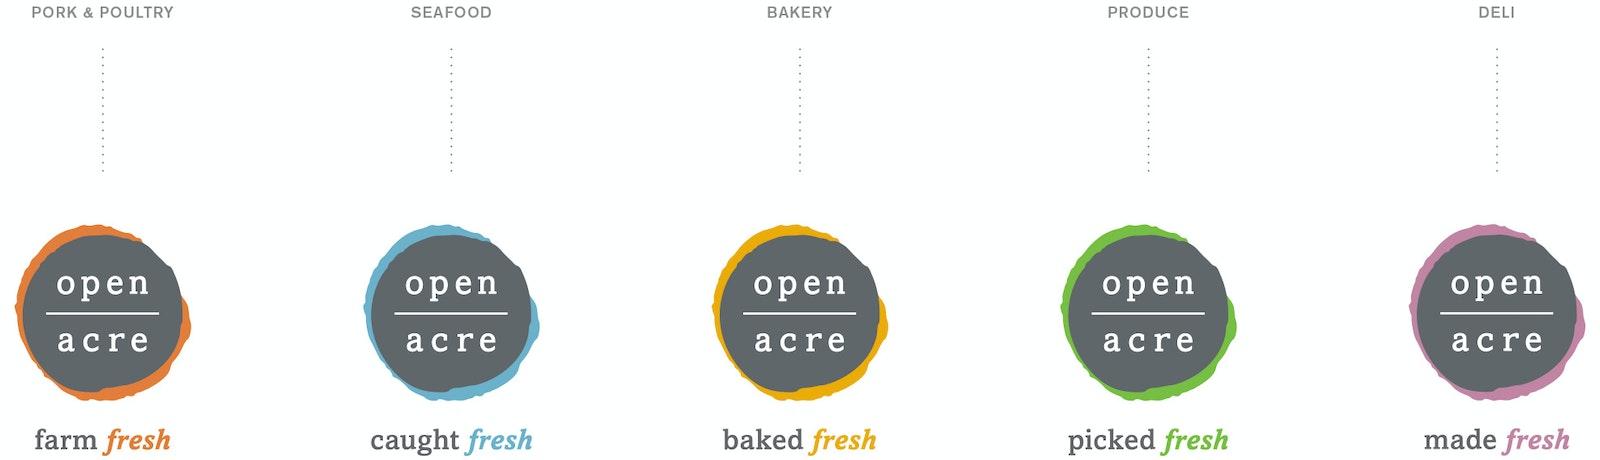 Open Acres Logos